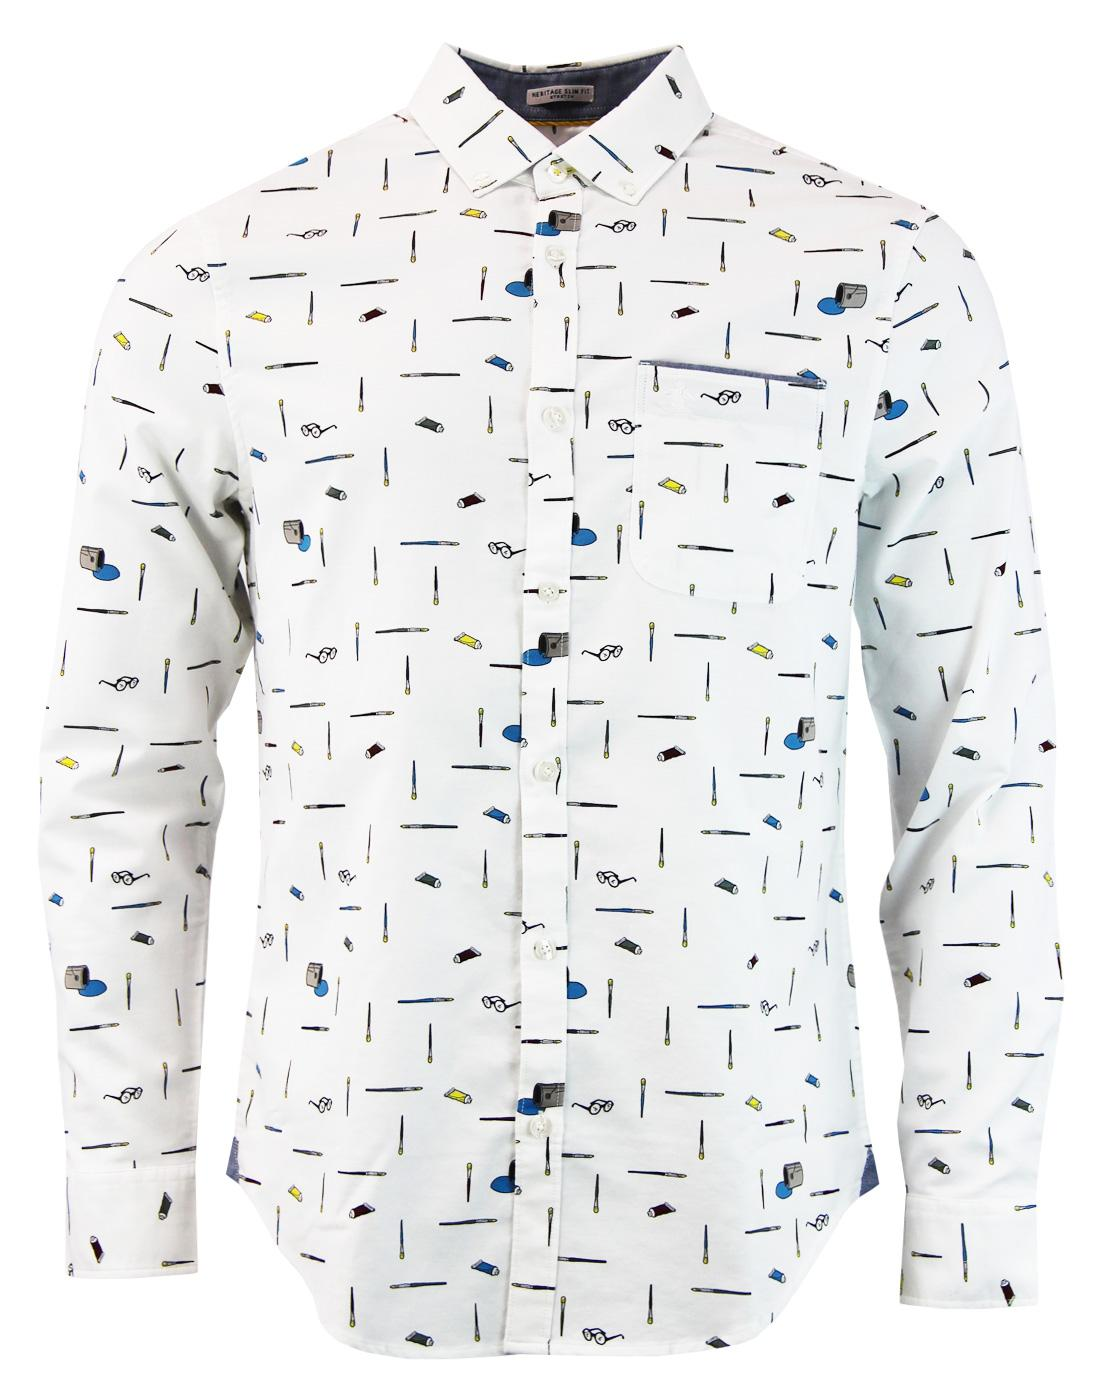 Paintbrush Convo ORIGINAL PENGUIN Retro Mod Shirt